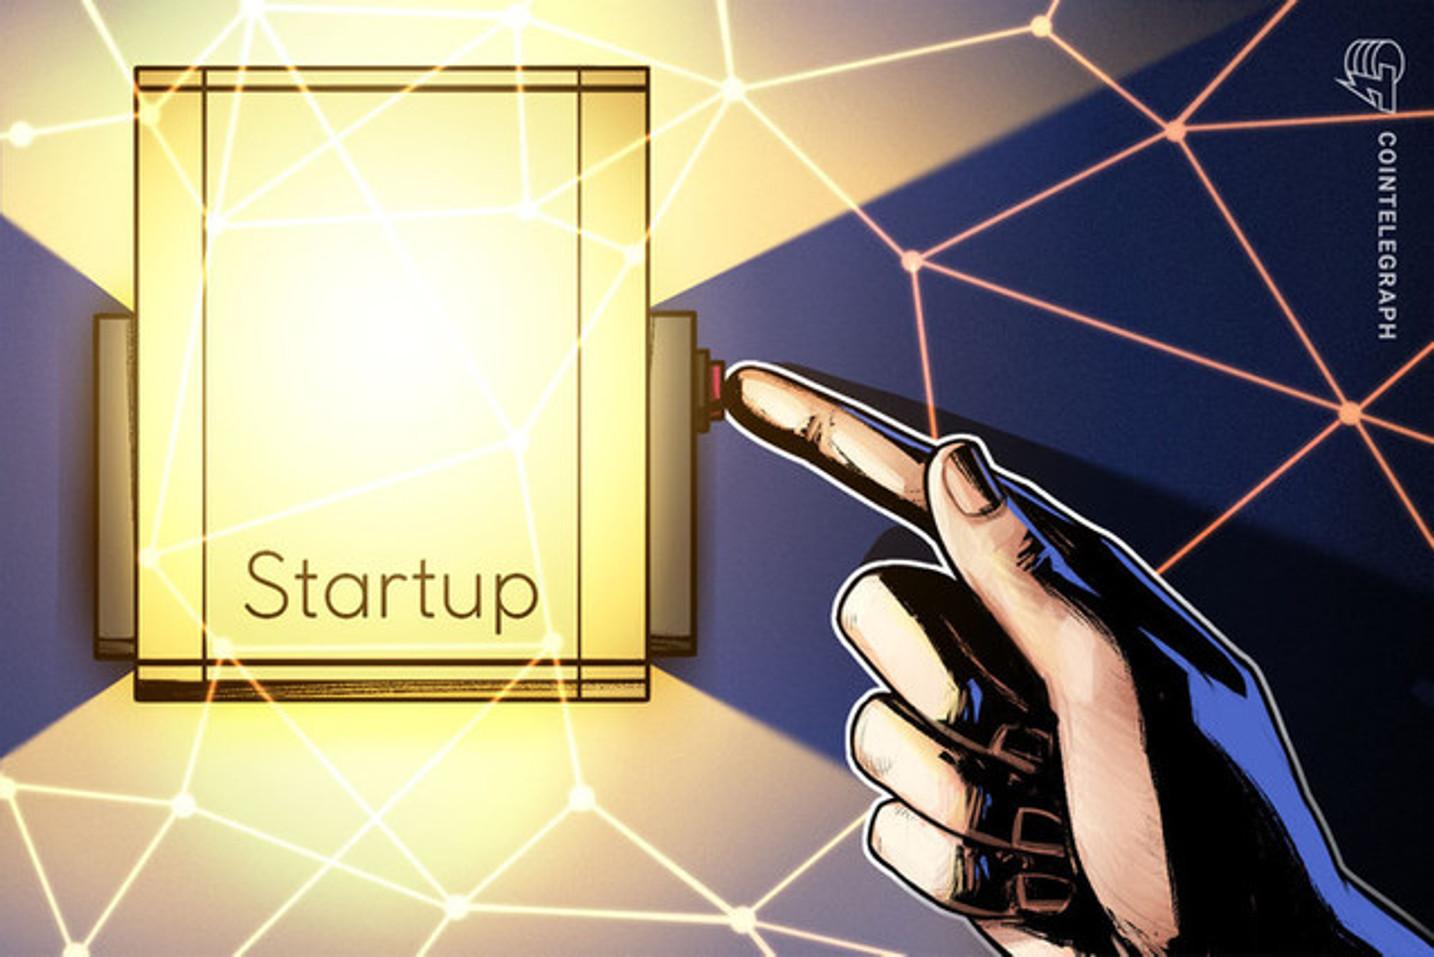 """España registra 87 inversiones en """"Startups"""" en el tercer trimestre del año"""